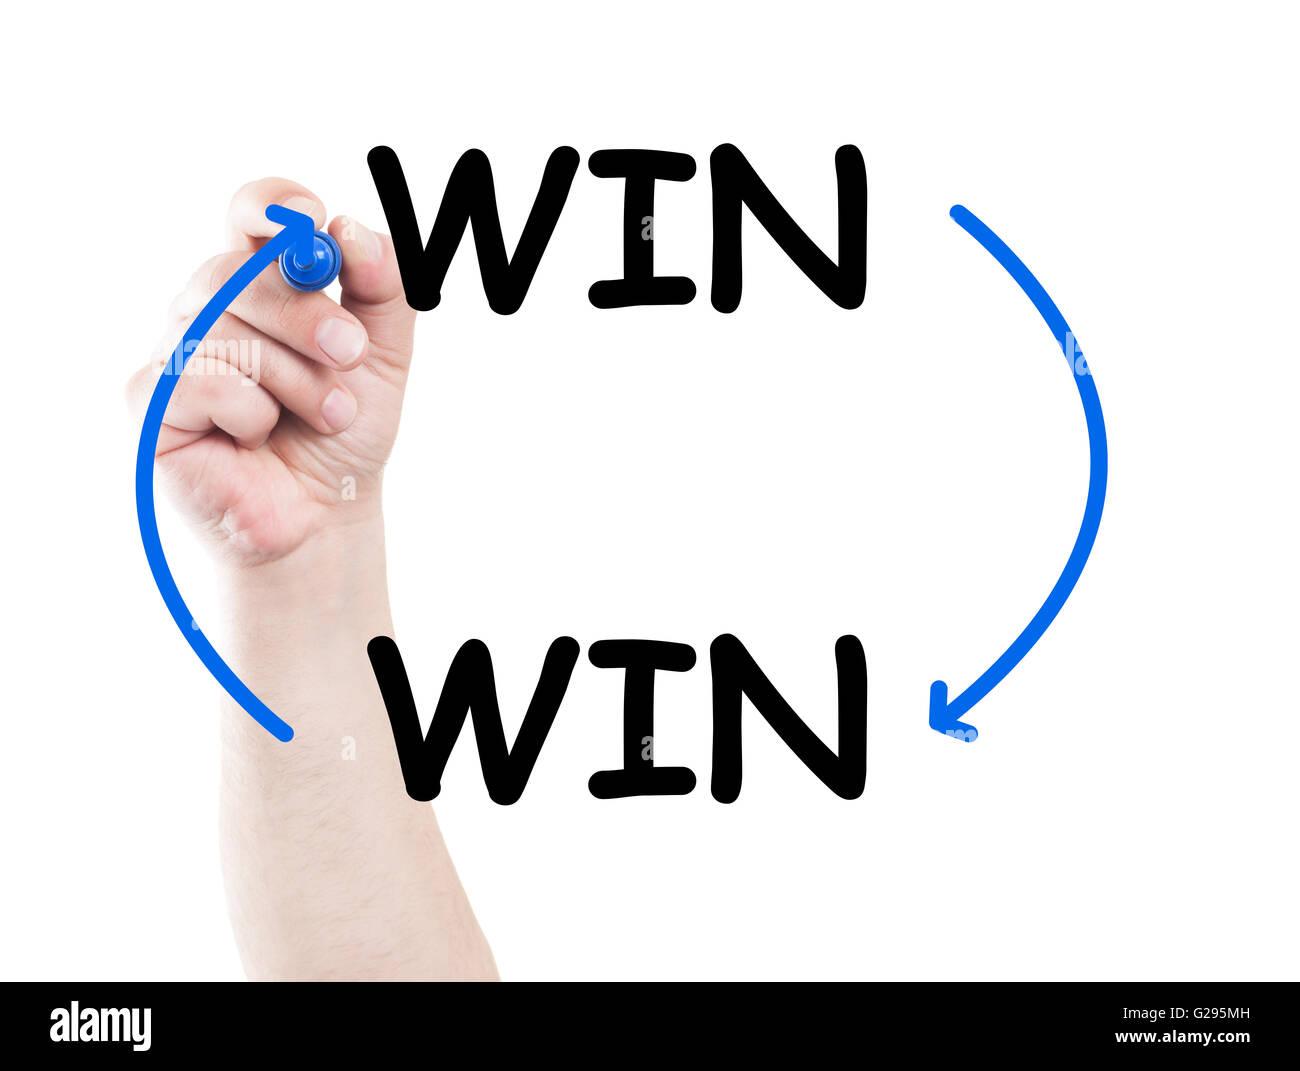 Win-win-Lösungskonzept auf transparente Tuch mit einer Hand hält eine Markierung Stockfoto